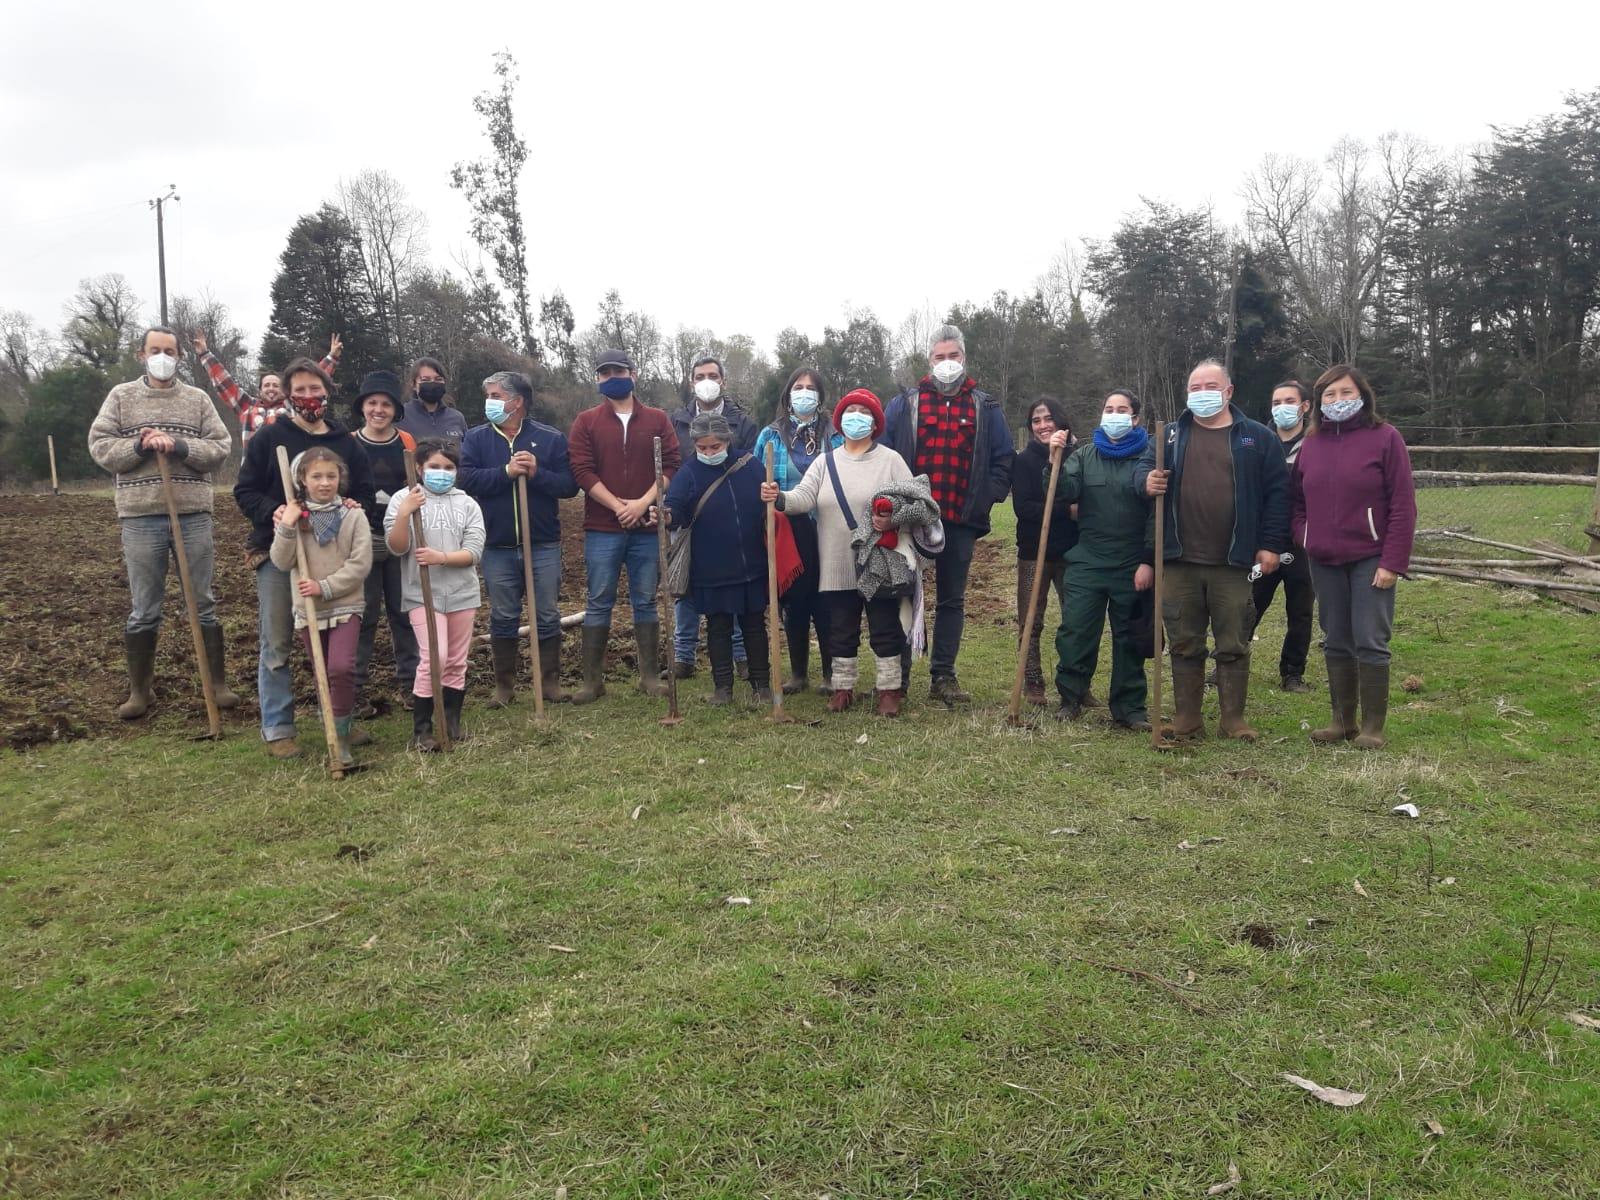 La comunidad de aprendizaje del cultivo agroecológico de legumbres, UACh, Cooperativa La Manzana y GORE Los Ríos, el pasado miércoles 15 de septiembre realizaron una siembra comunitaria de garbanzos y lentejas, y un taller de preparación de bocashi, en el predio piloto de Pelchuquín